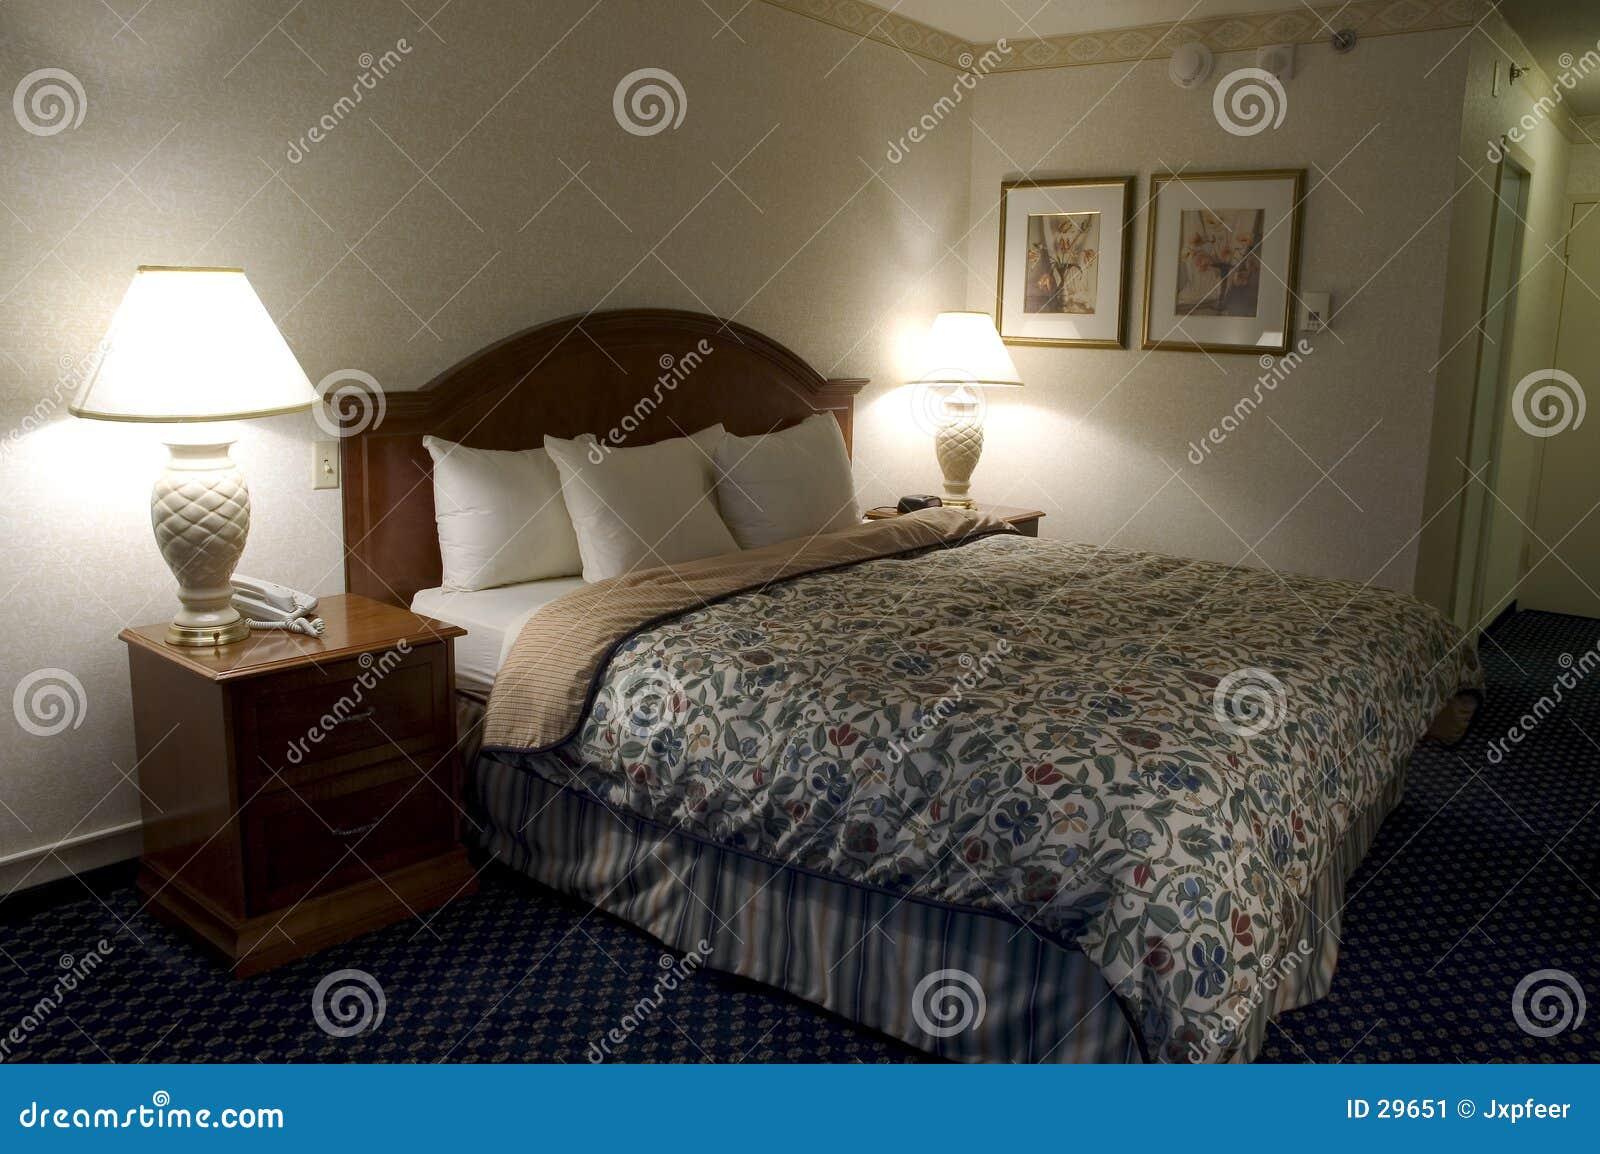 Download Habitación imagen de archivo. Imagen de tarjeta, hotel, lámparas - 29651